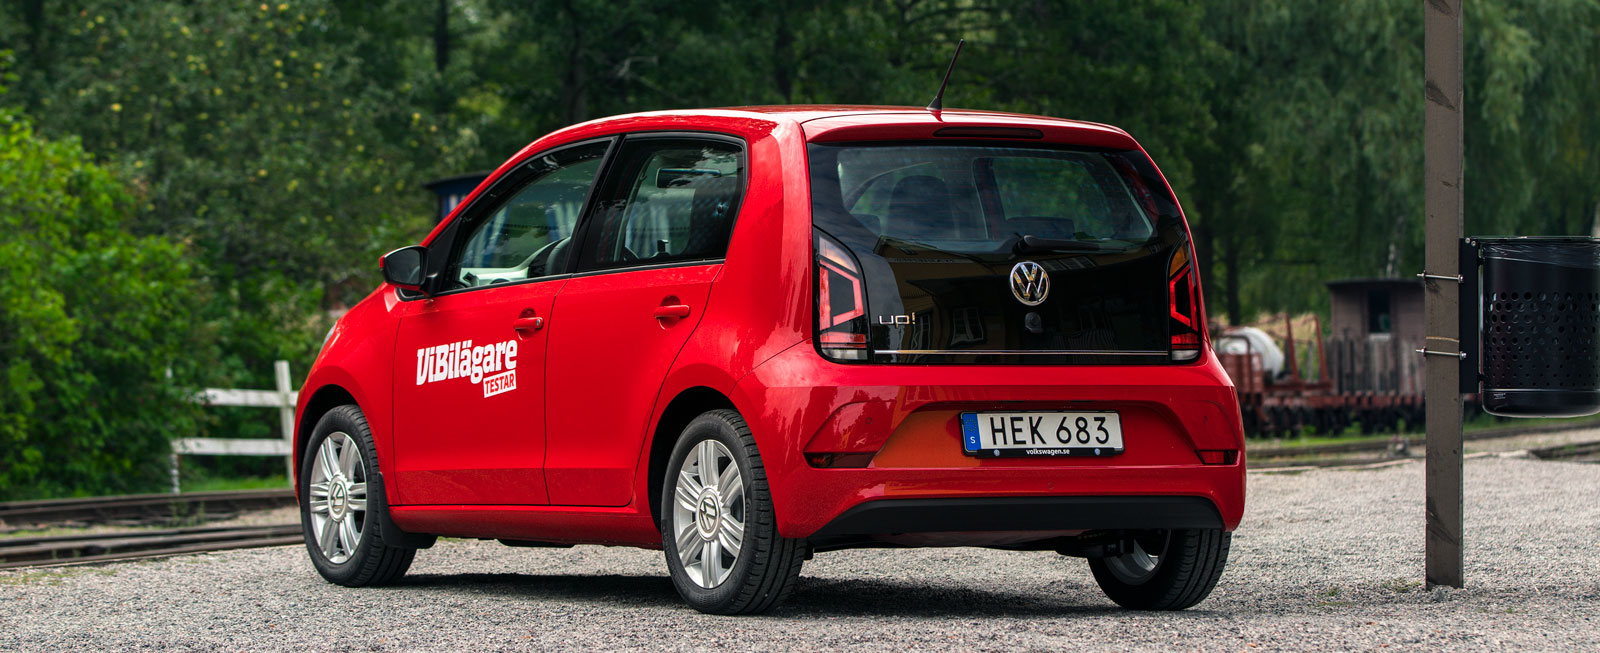 Volkswagen High Up 1.0/75 hk